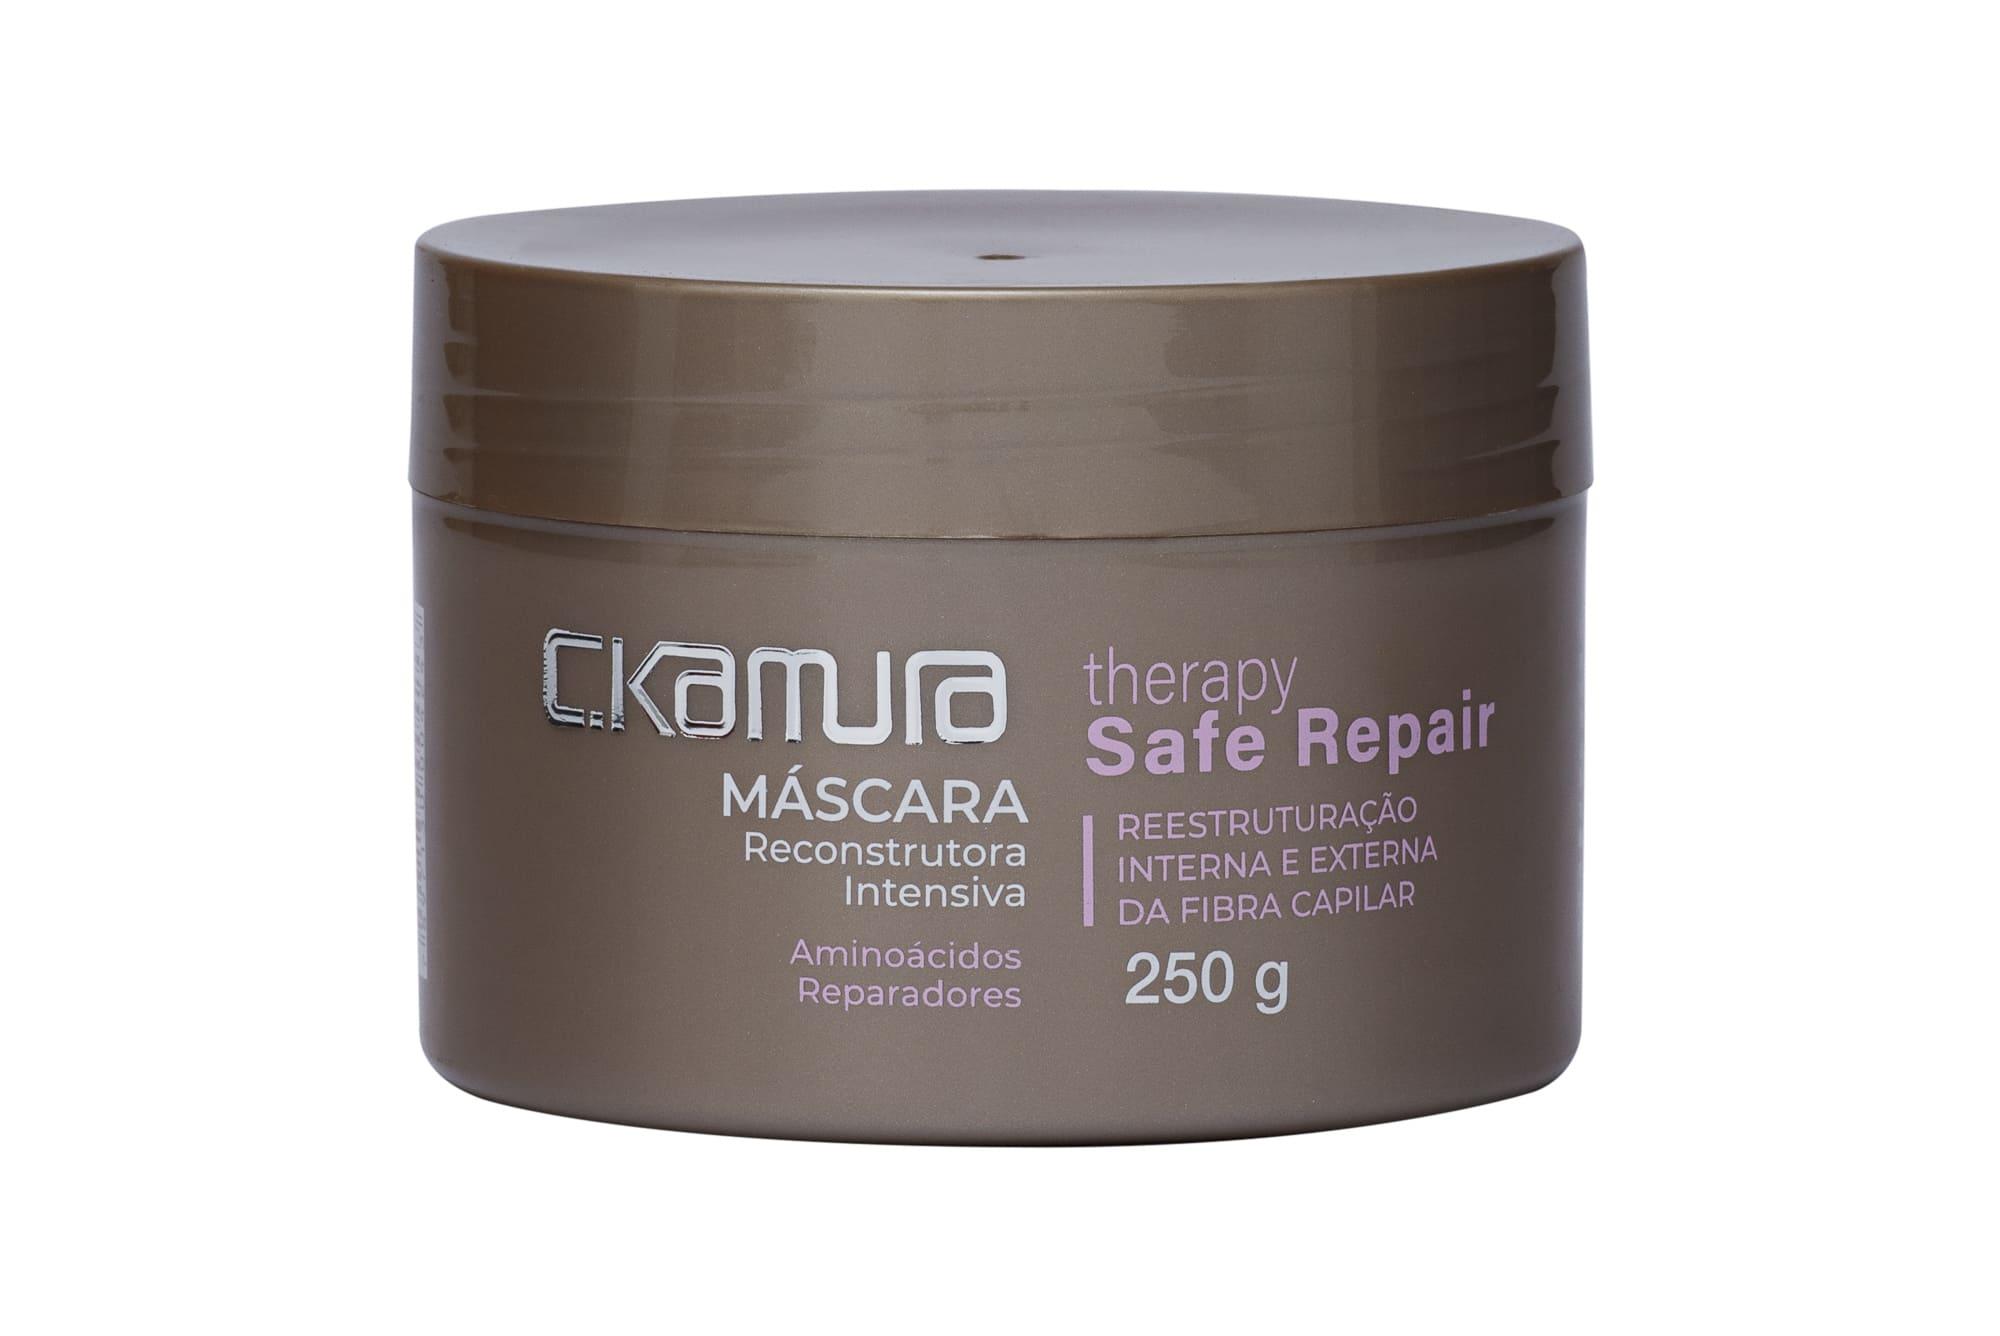 MÁSCARA THERAPY C.KAMURA 250 G